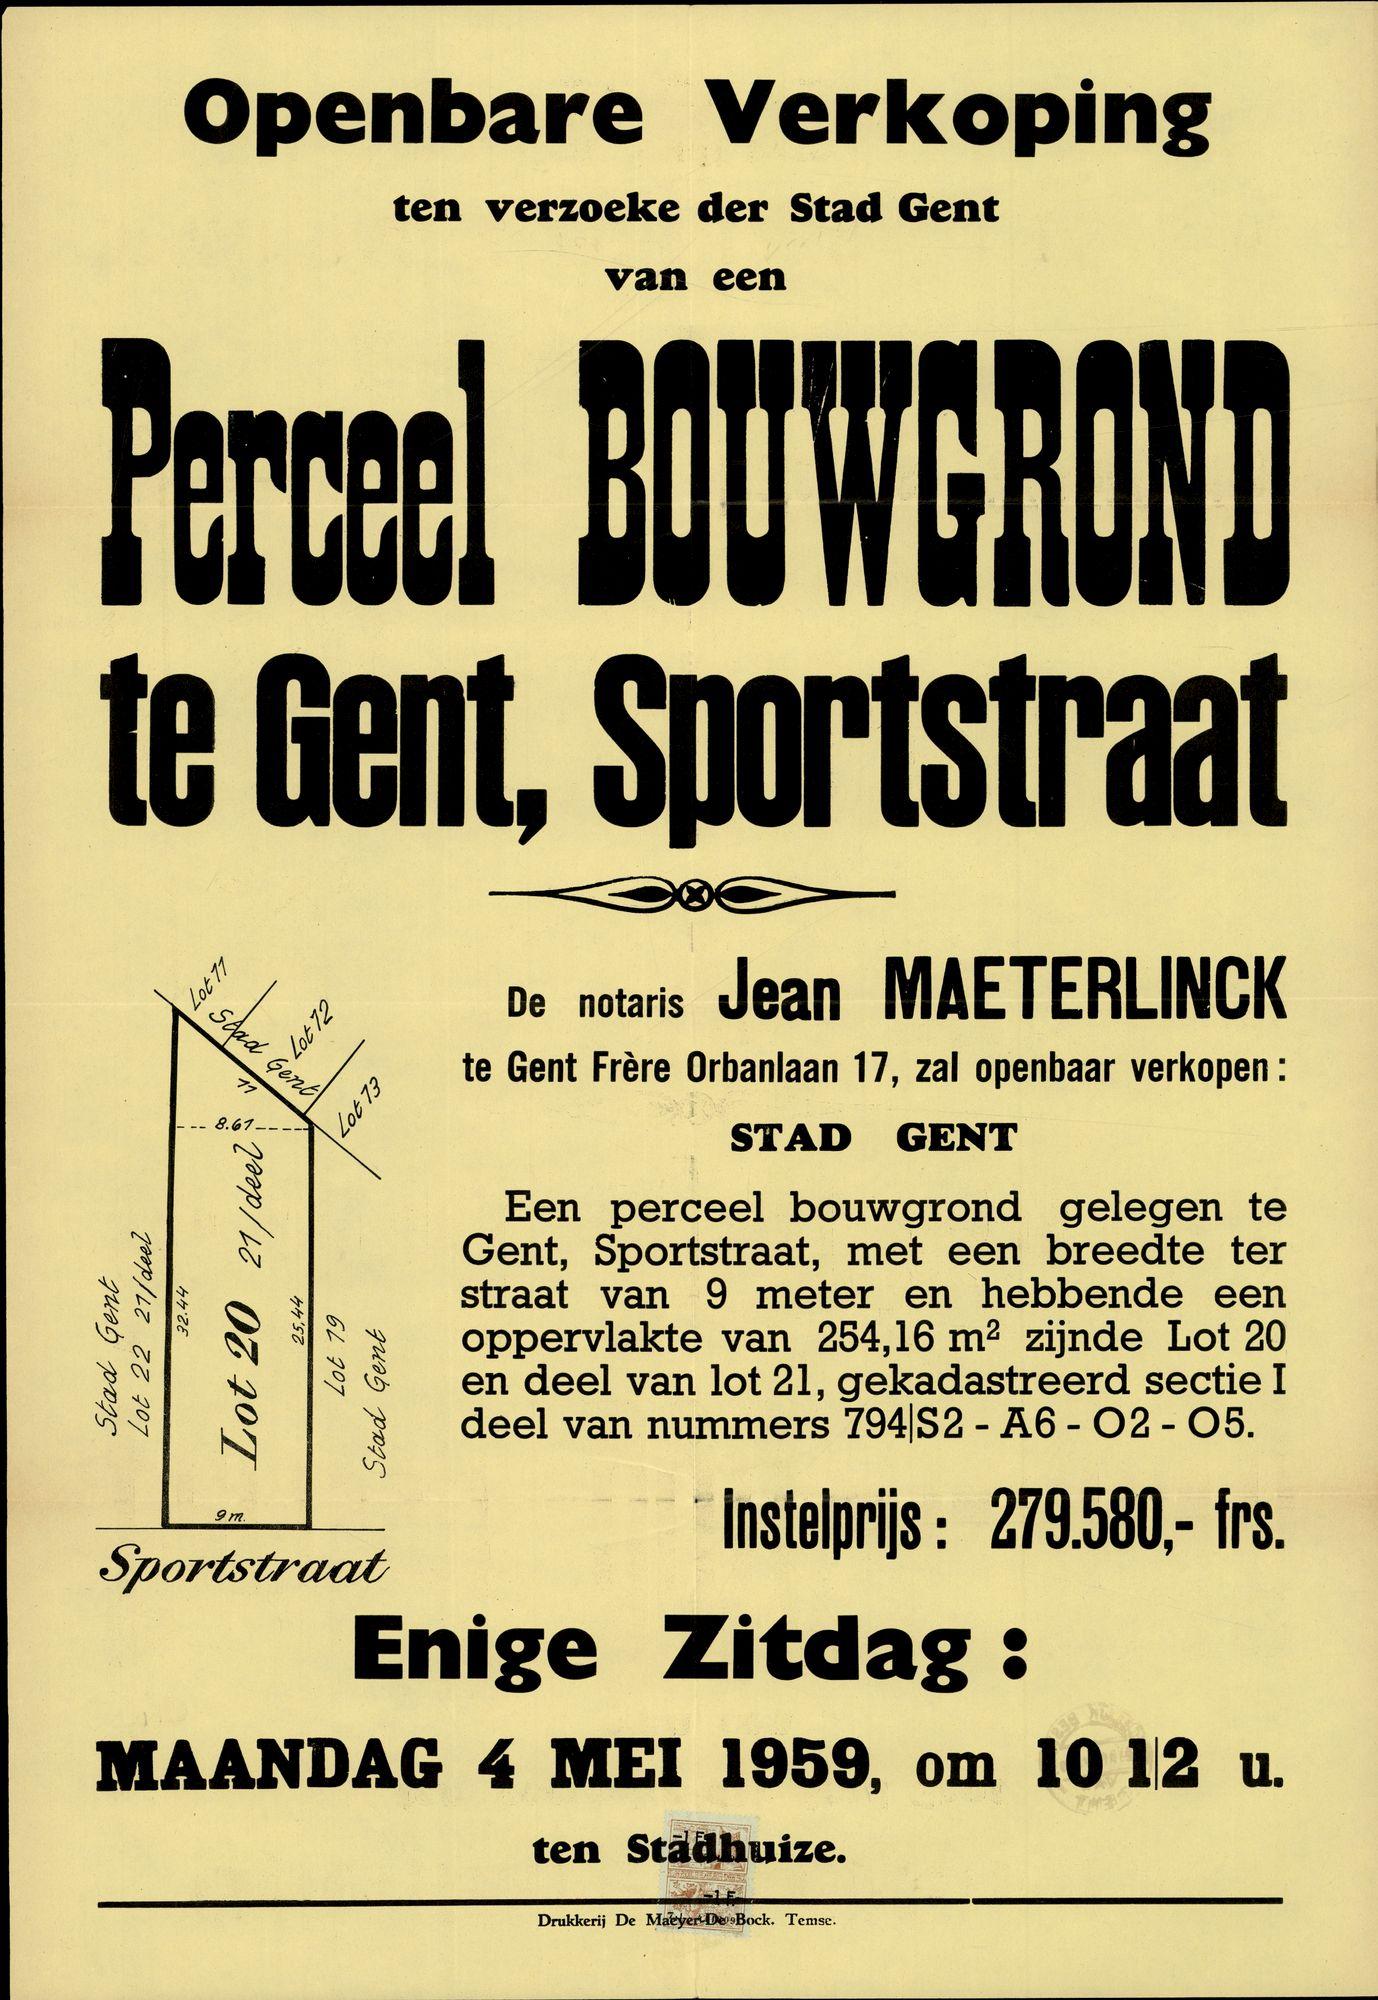 Openbare verkoop ten verzoeke der Stad Gent van een Perceel Bouwgrond te Gent, Sportstraat, Gent, 4 mei 1959